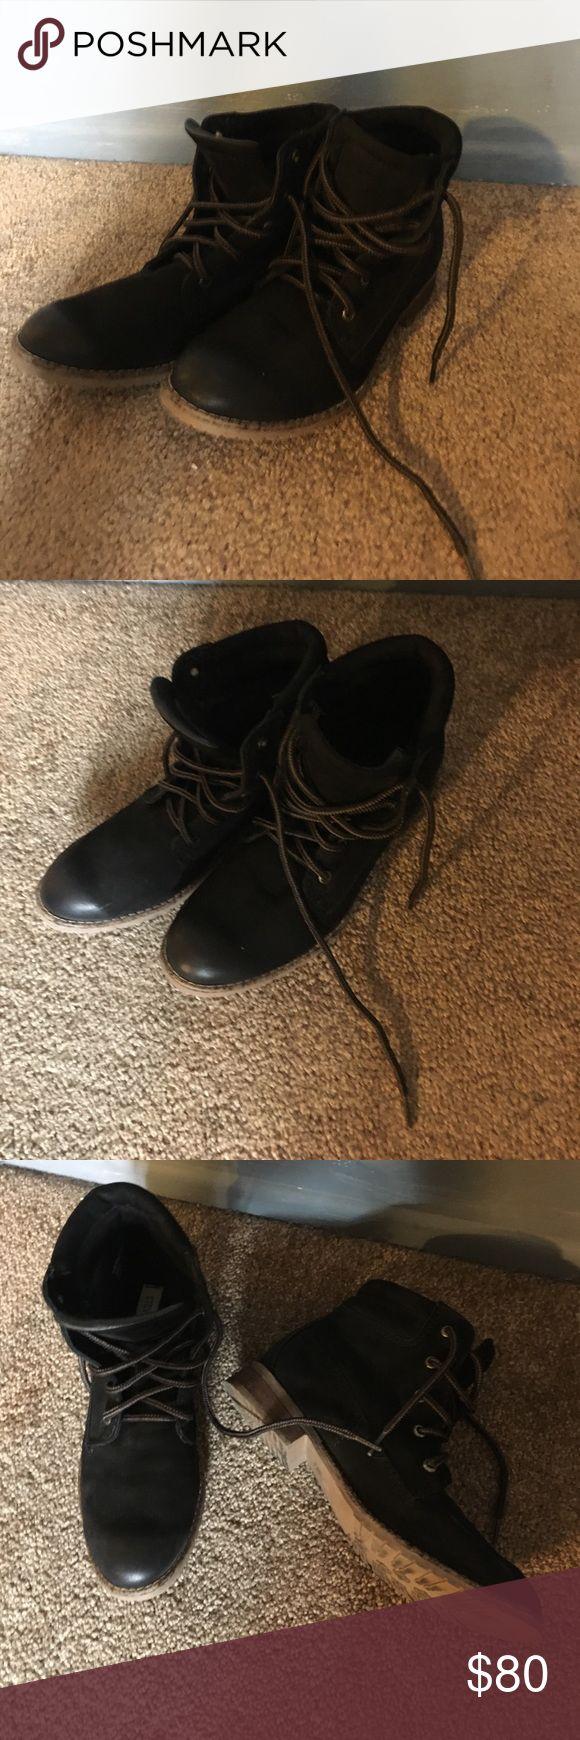 Steve Madden black boots! Cute black Steve Madden boots!! Steve Madden Shoes Ankle Boots & Booties